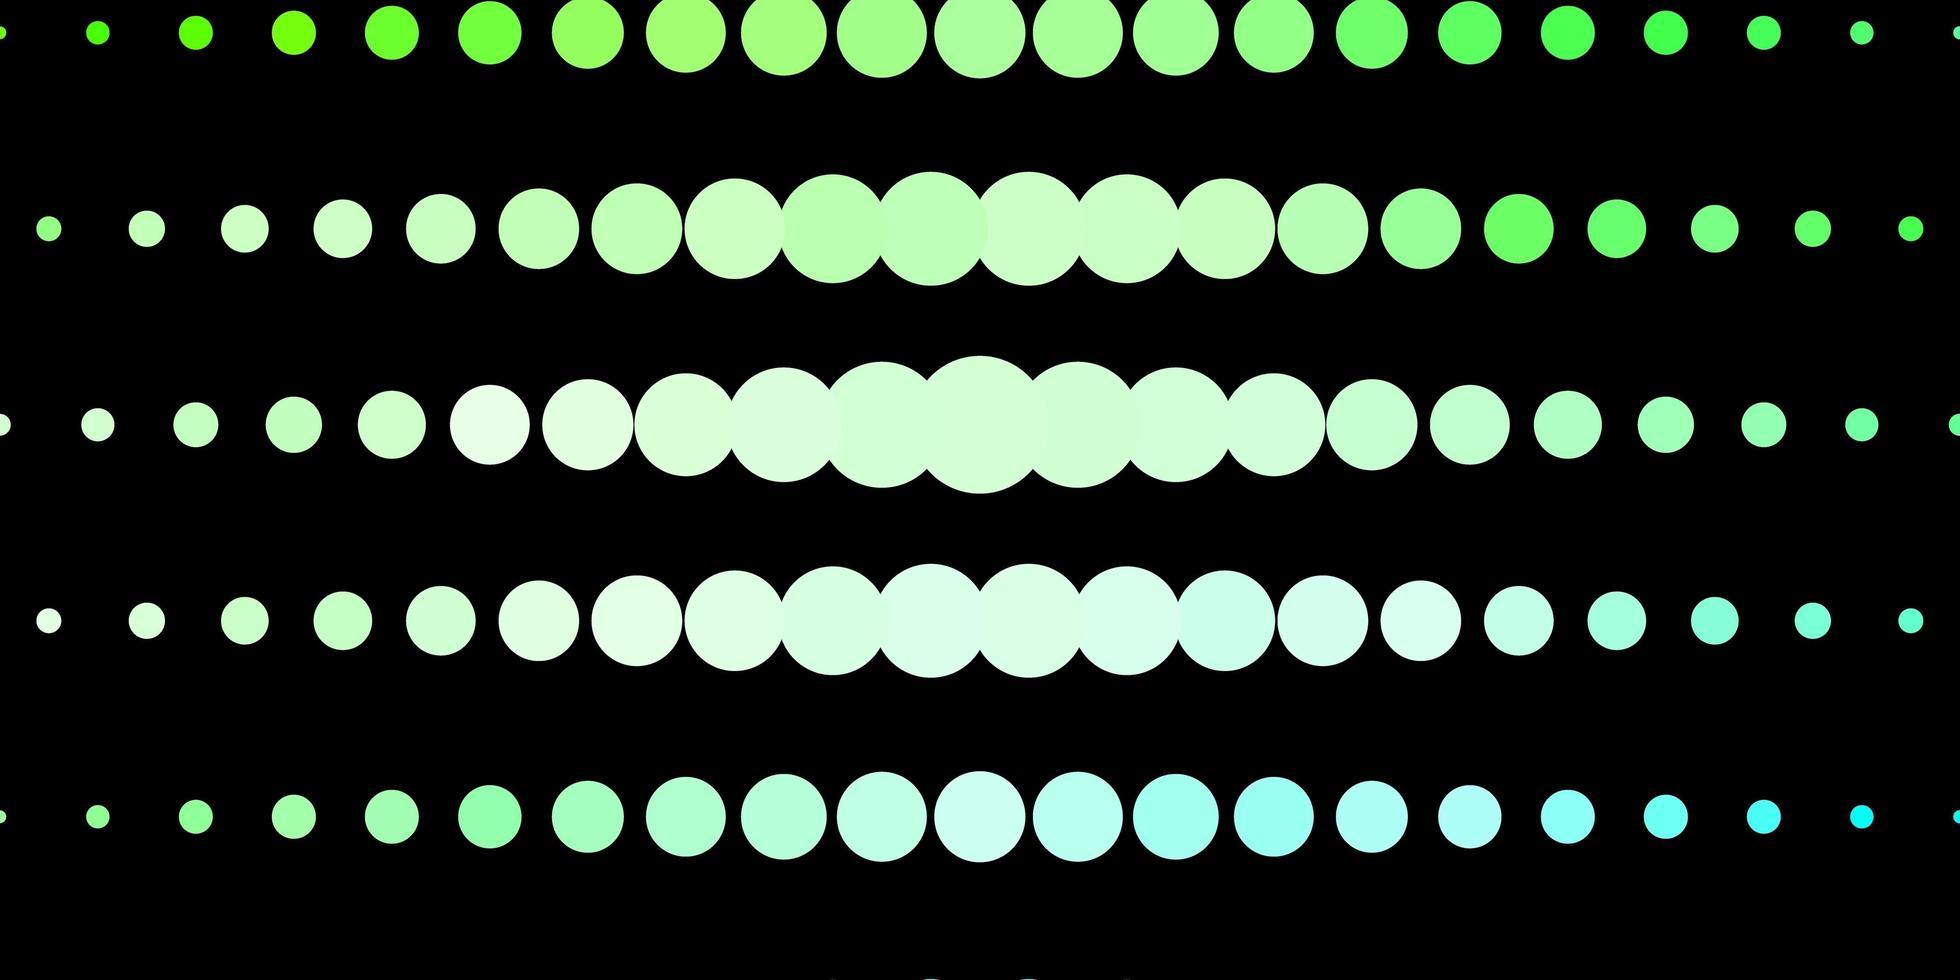 modello verde scuro con cerchi. vettore